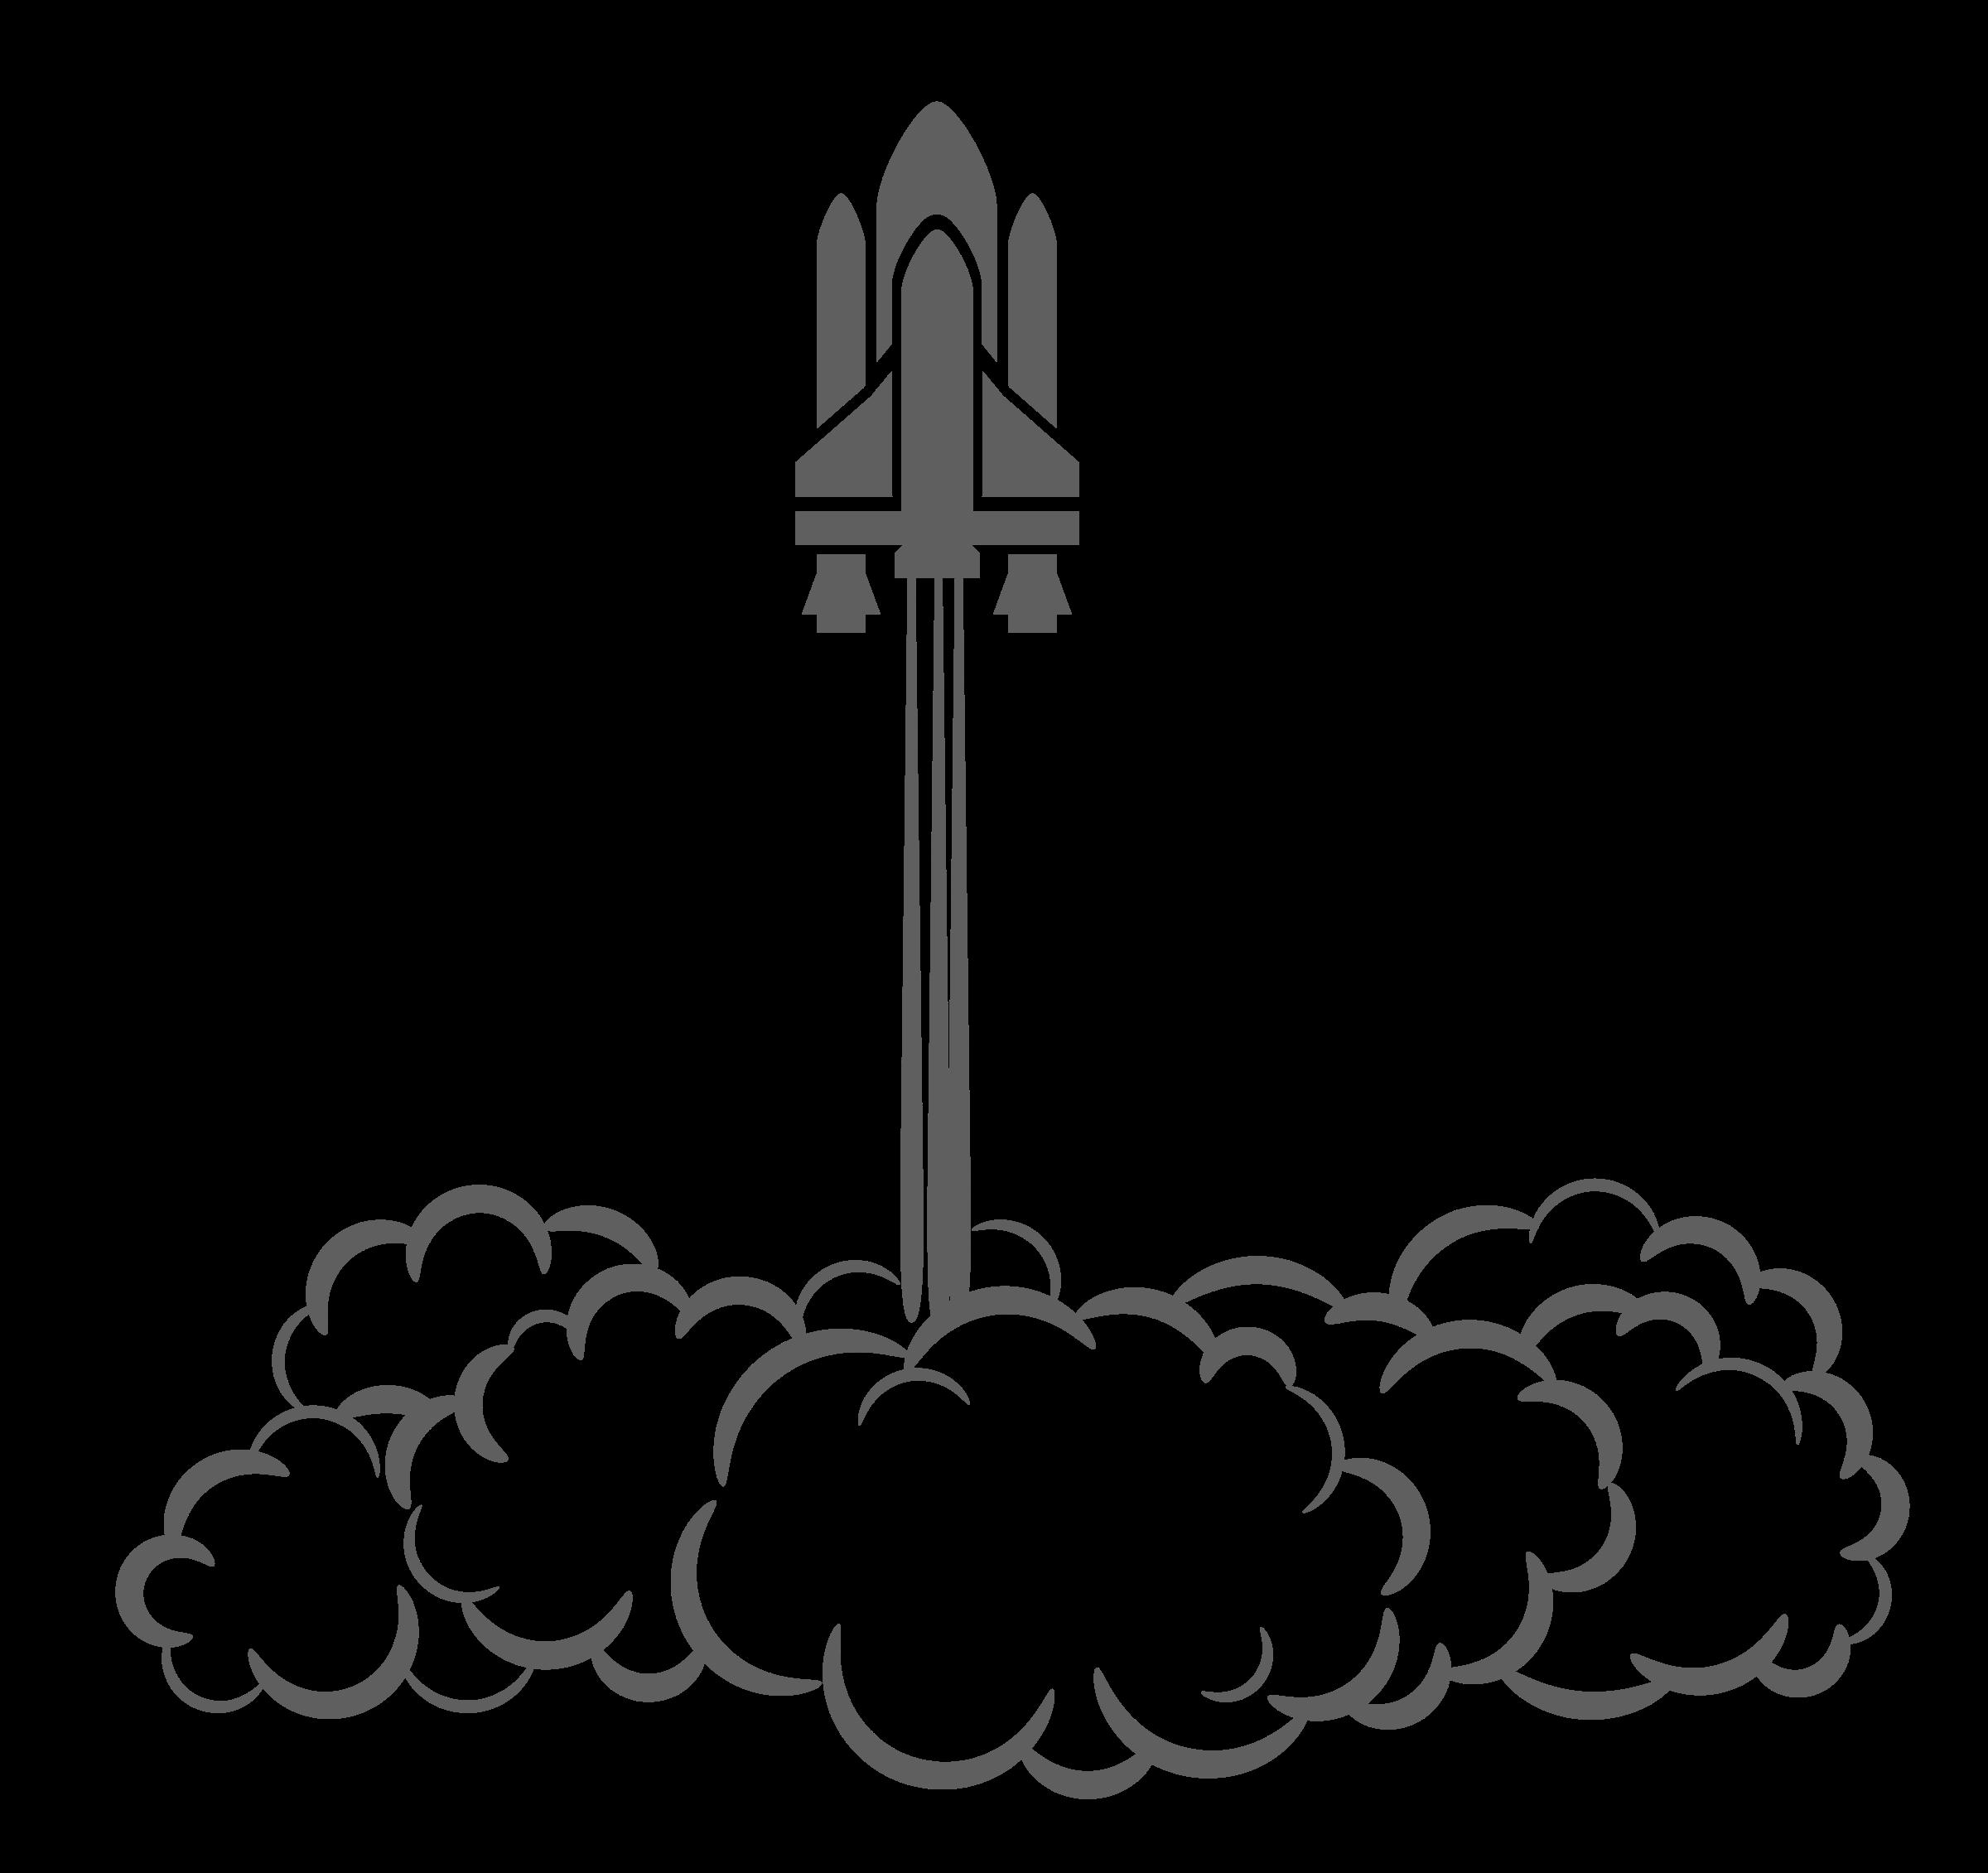 clip art download vector rockets rocket smoke #118411570